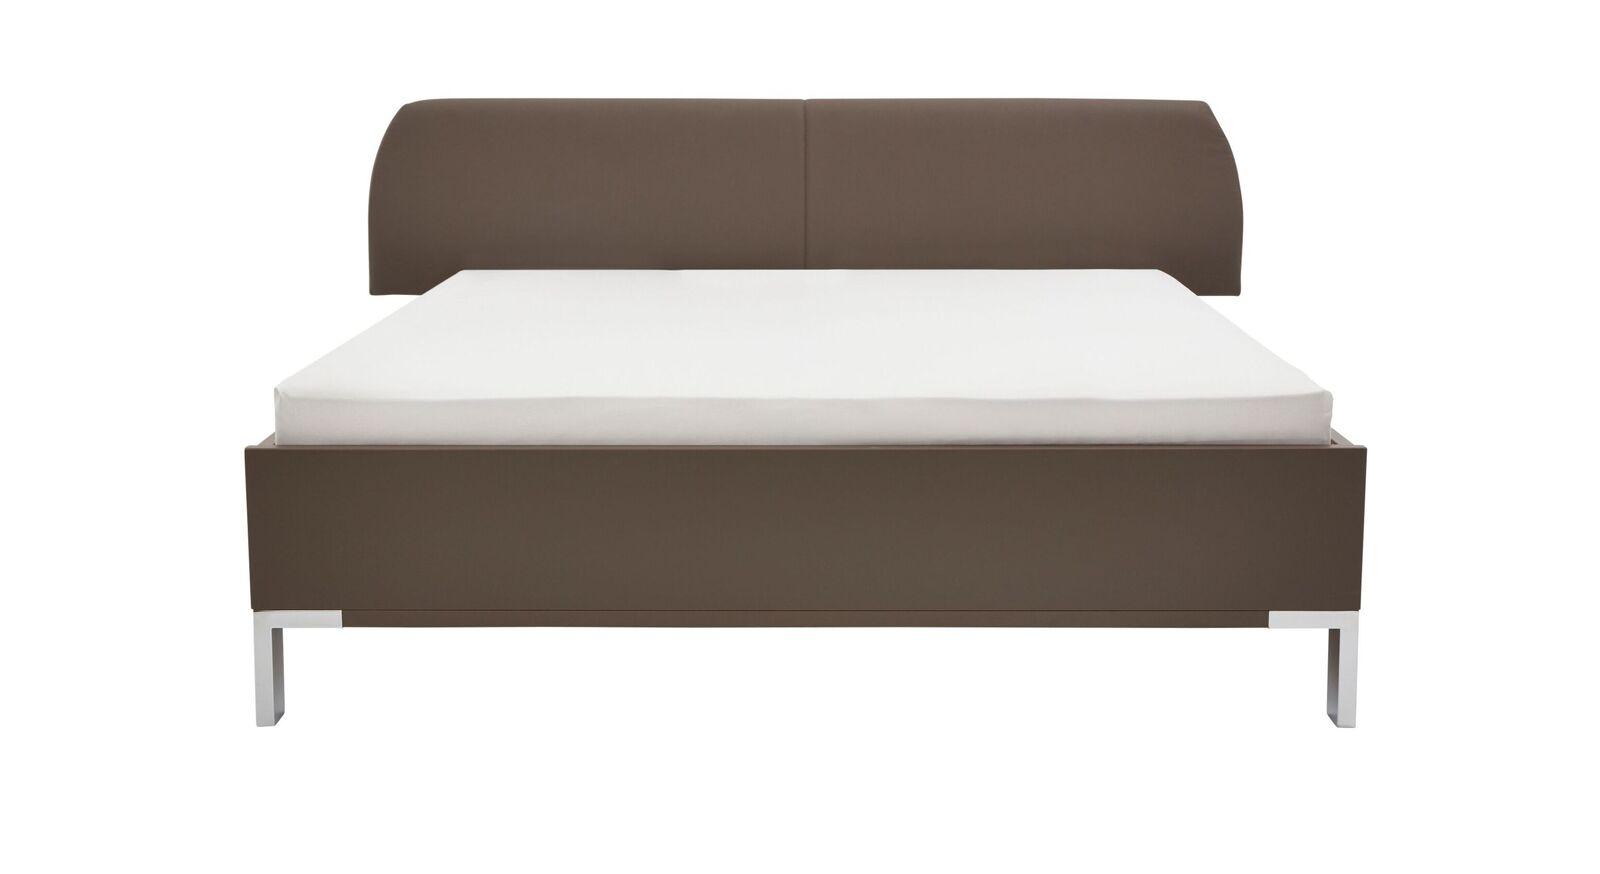 Trendiges INTERLIVING Bett 1006 aus havannafarbenem Dekor